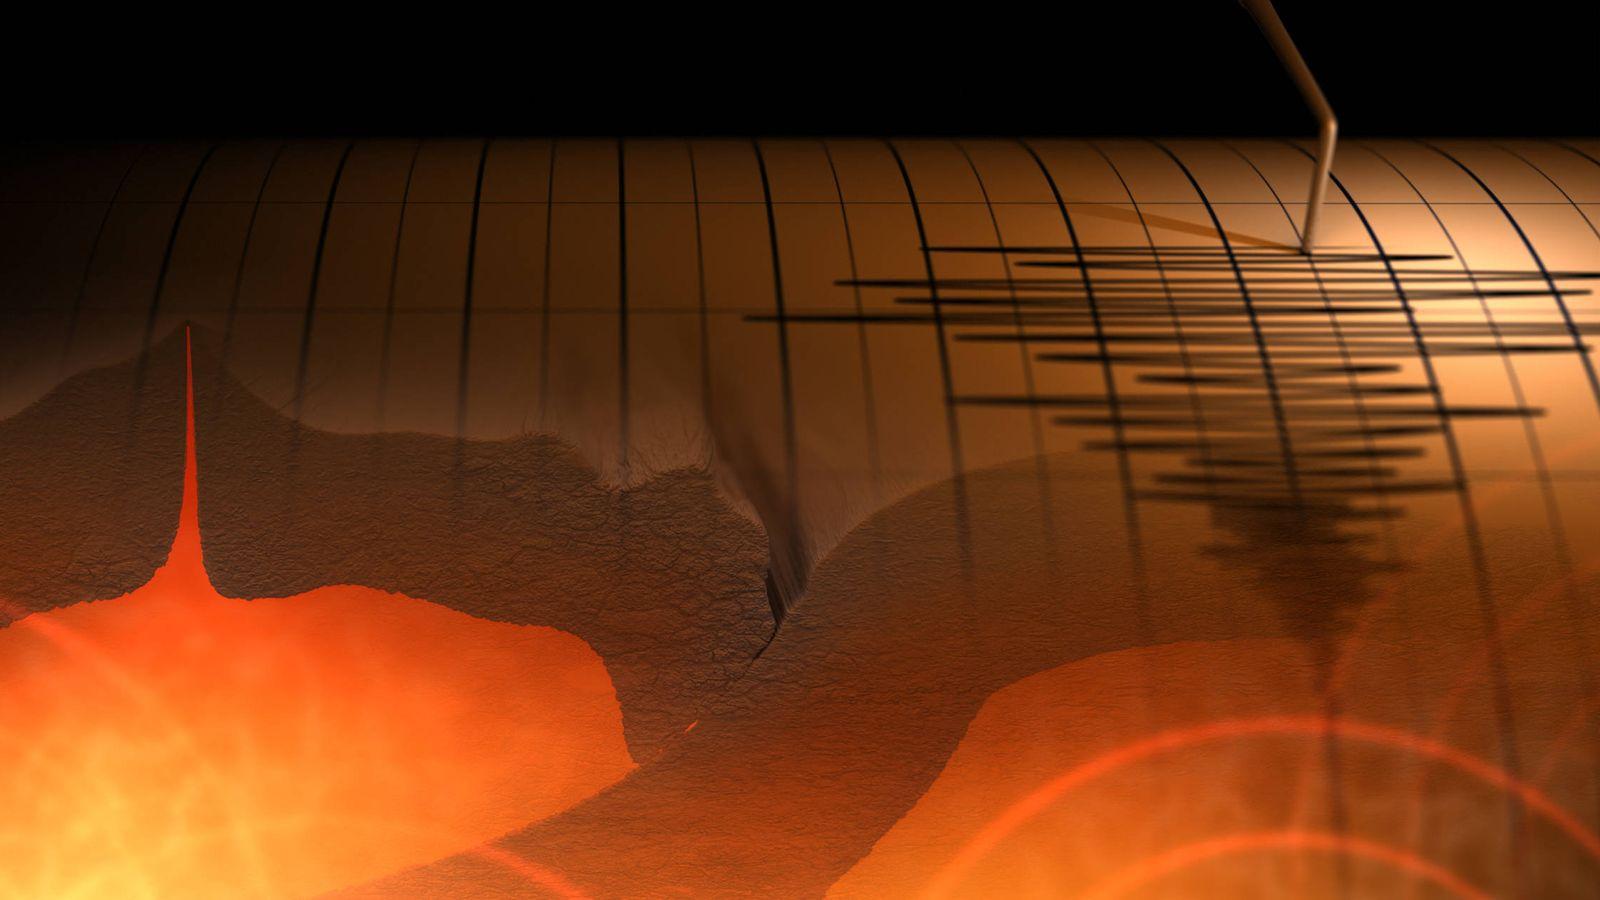 Foto: Un sismógrafo capta un terremoto. (Pixabay)